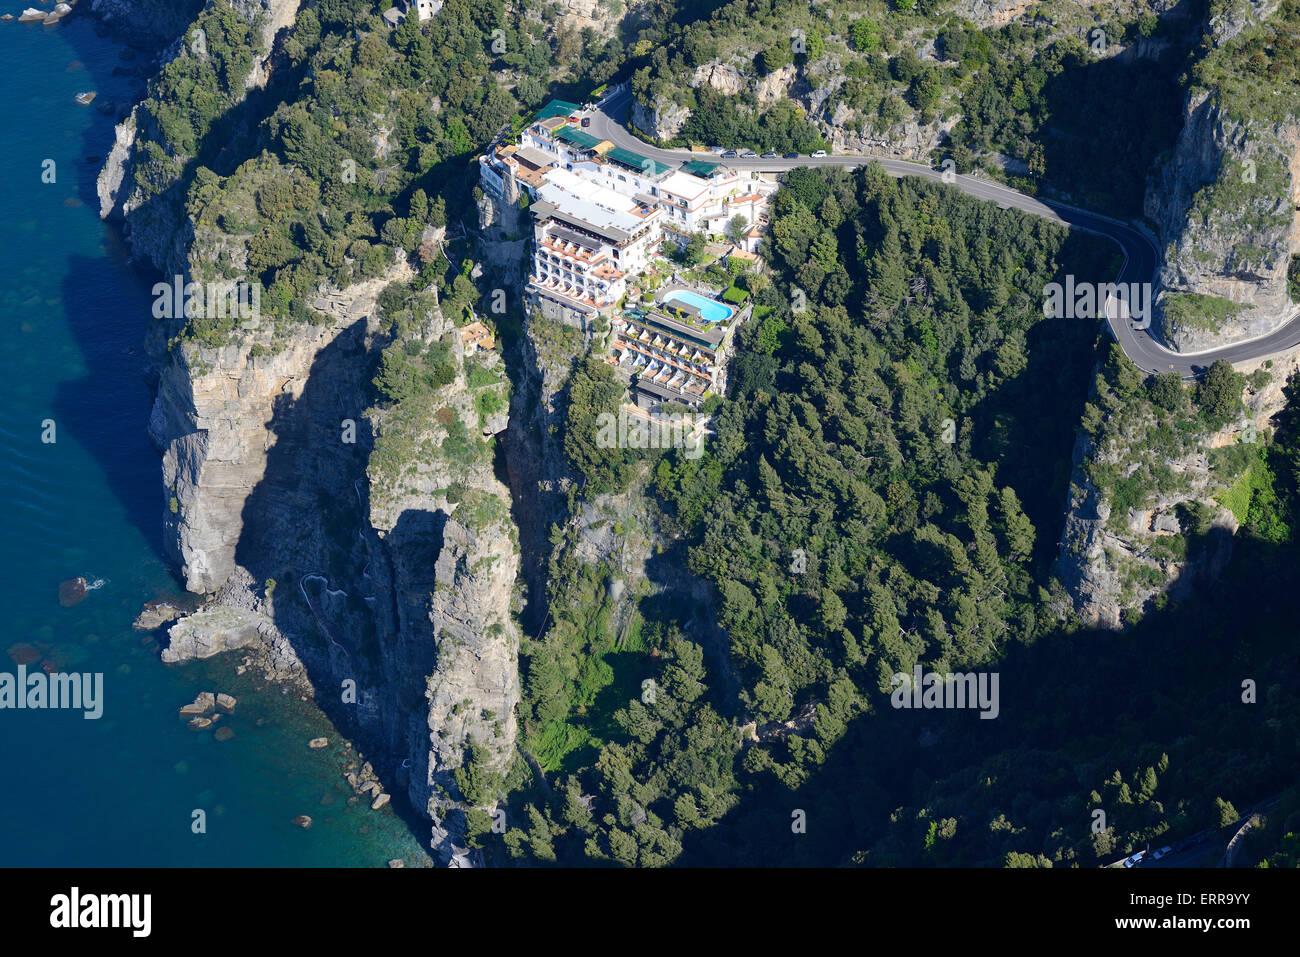 Luxus Hotel Thront Hoch On A Cliff Luftbild Grand Hotel Tritone In Praiano An Der Amalfi Kuste Kampanien Italien Stockfotografie Alamy